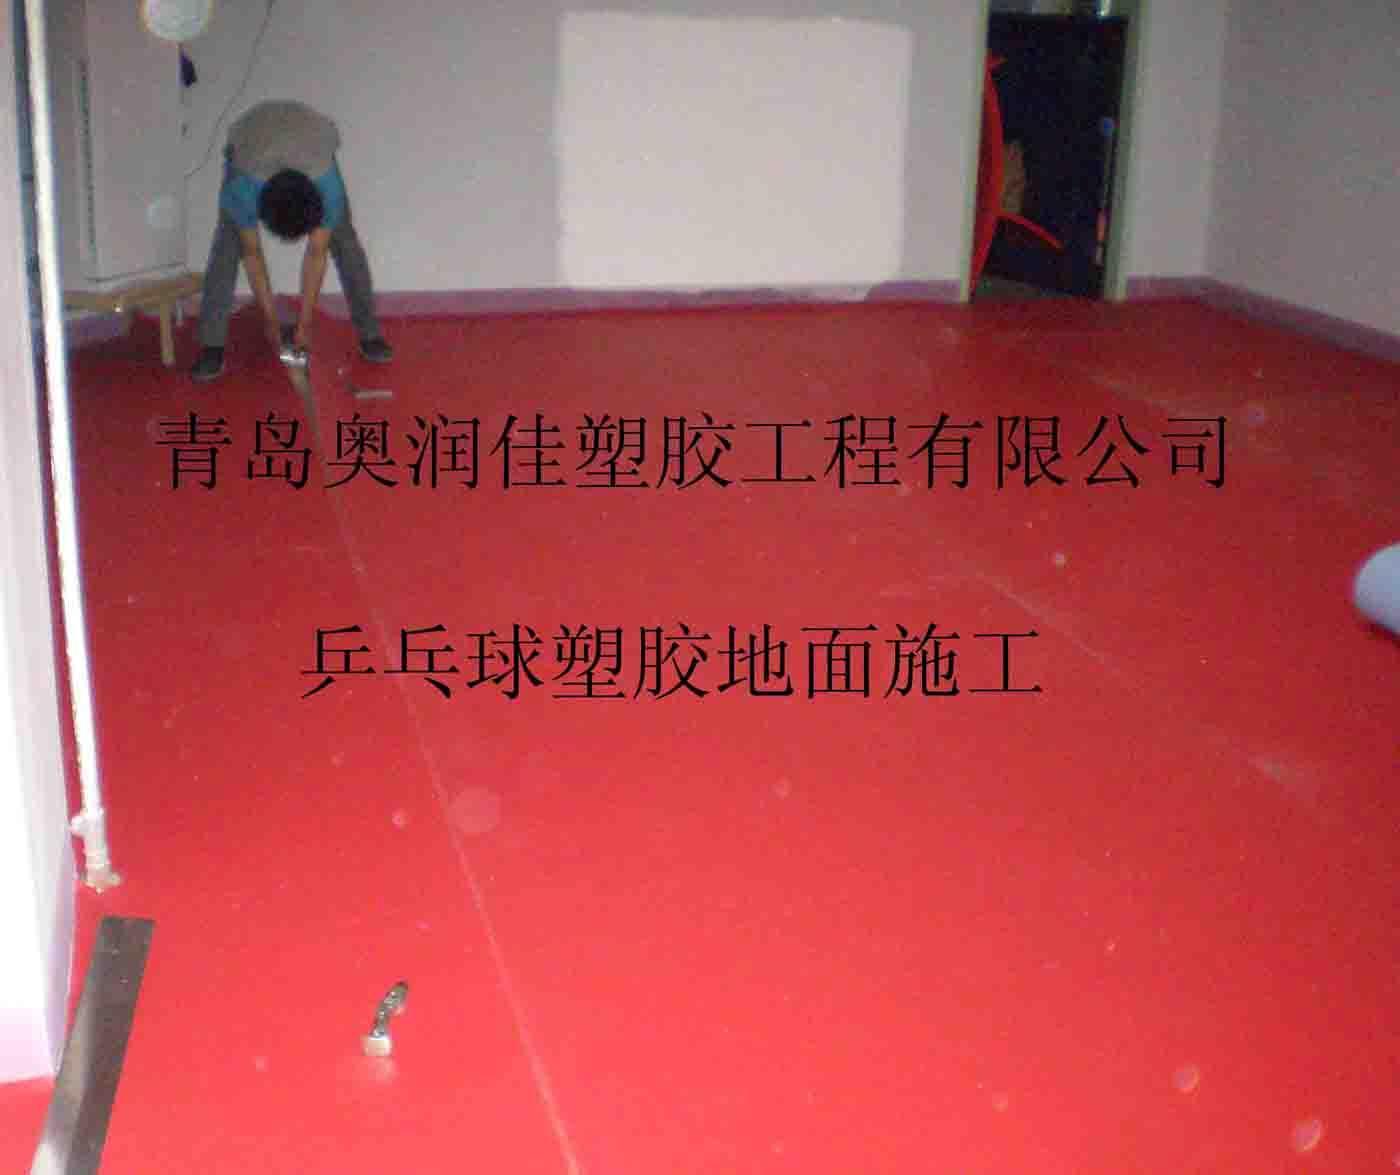 青島塑膠地墊-pvc地膠-pvc彈性地膠-pvc防滑地板